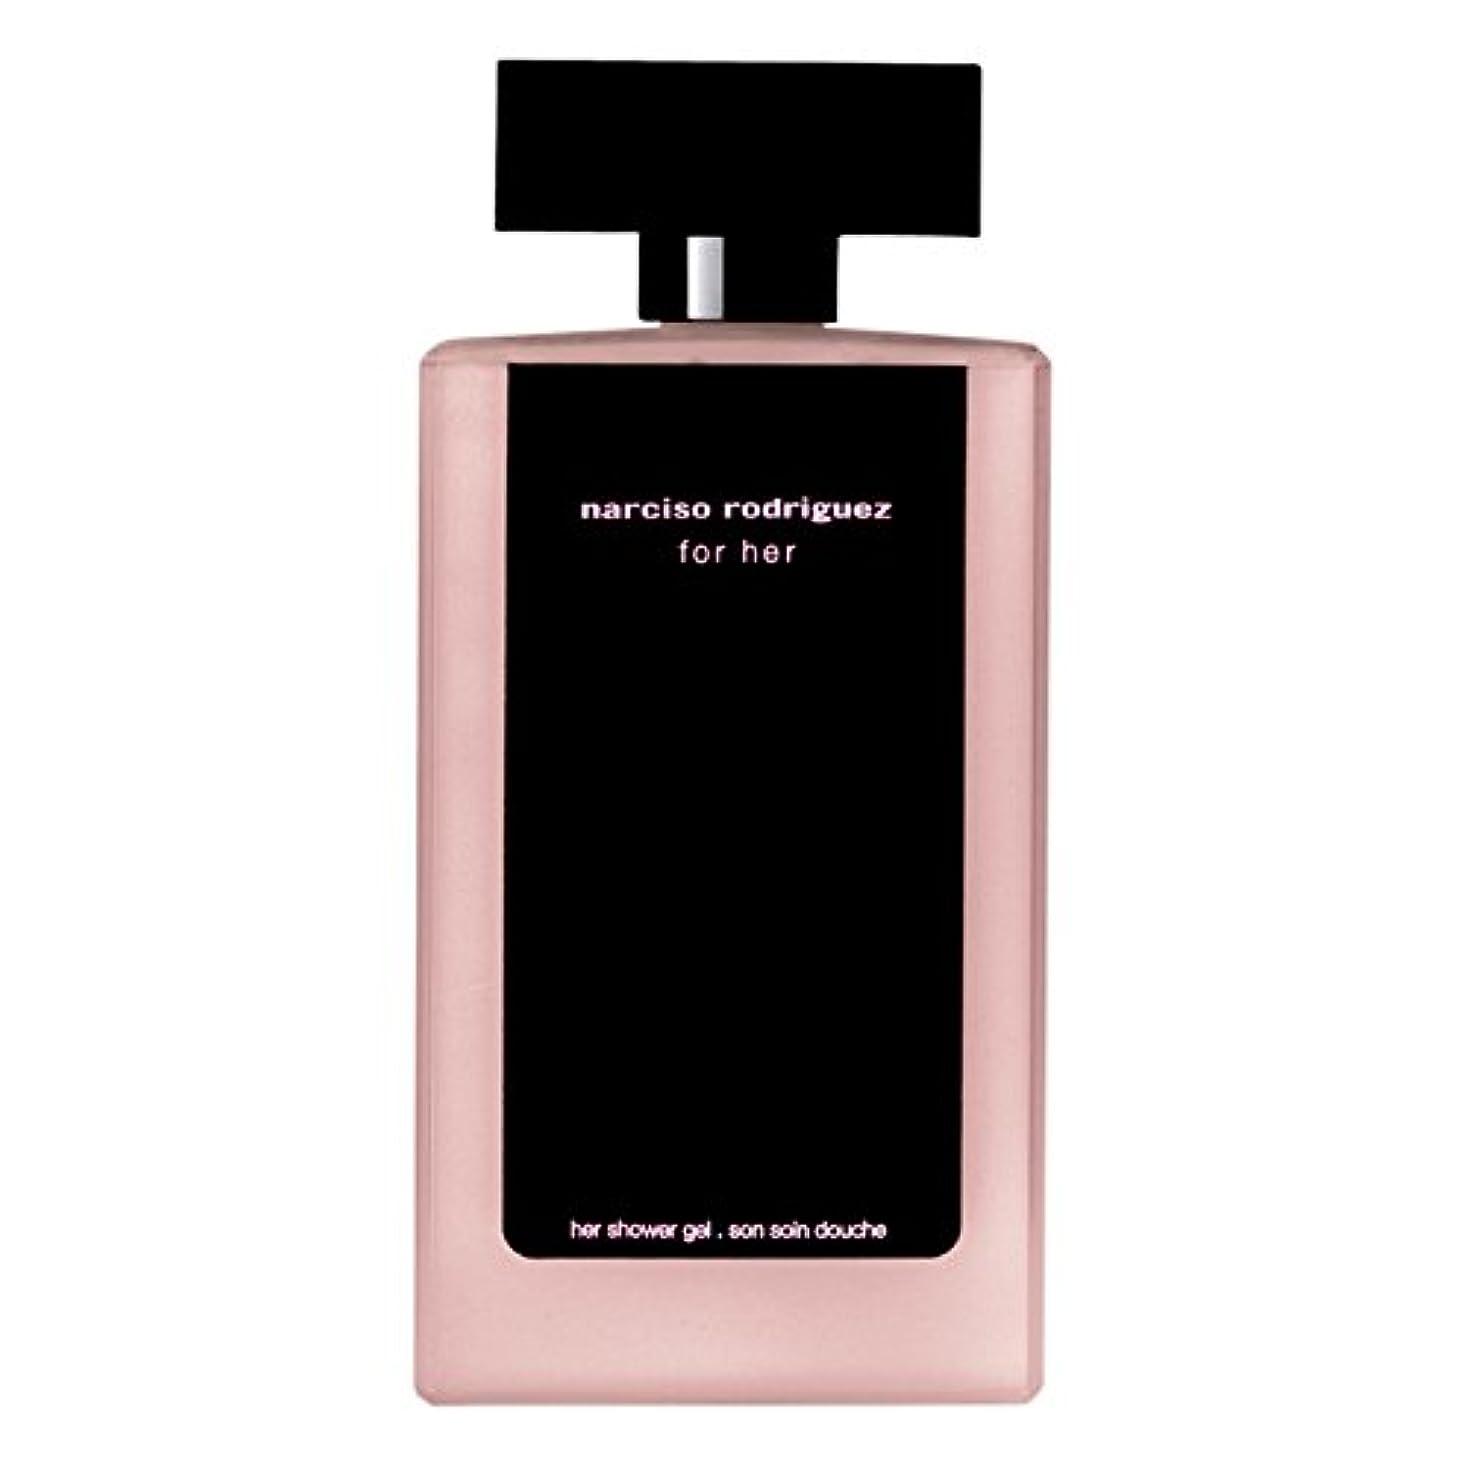 確率爆発するモットー彼女のシャワージェル200ミリリットルのためのナルシソ?ロドリゲス (Narciso Rodriguez) (x2) - Narciso Rodriguez for Her Shower Gel 200ml (Pack of 2) [並行輸入品]